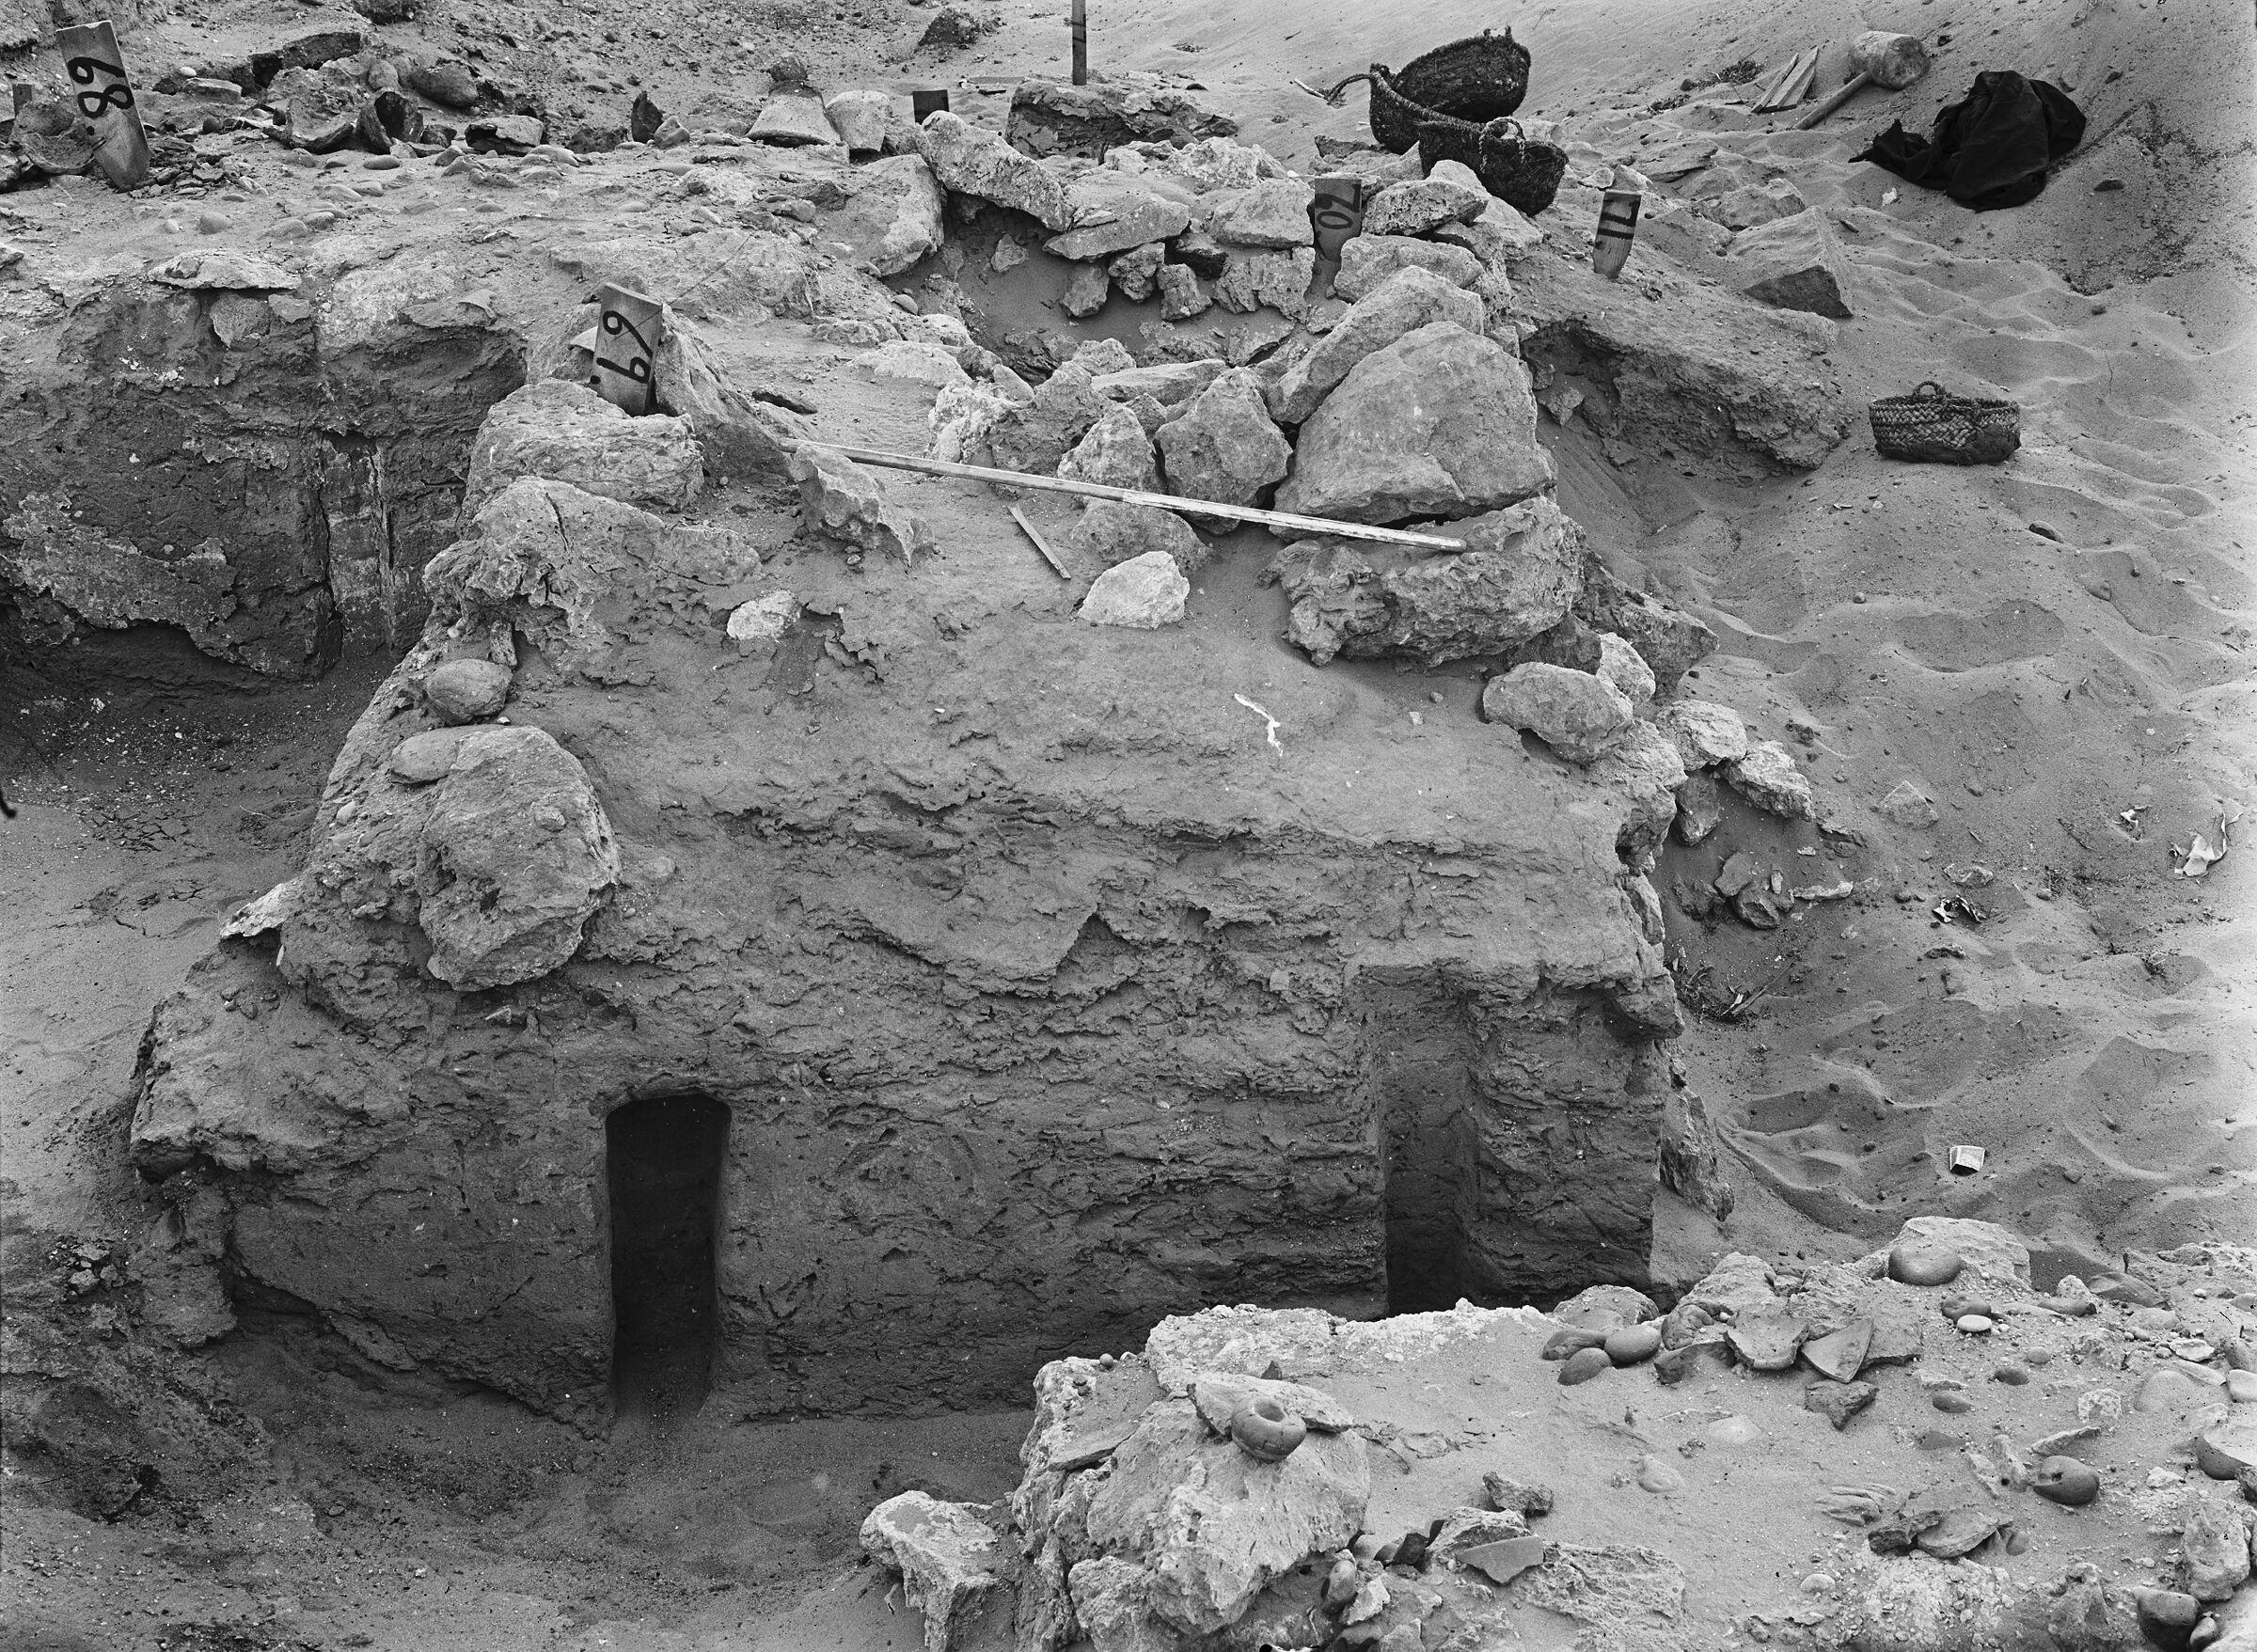 Wadi Cemetery (Reisner; north of W. Cem): Site: Giza; View: GW 68, GW 69, GW 70, GW 71, GW 72, GW 77